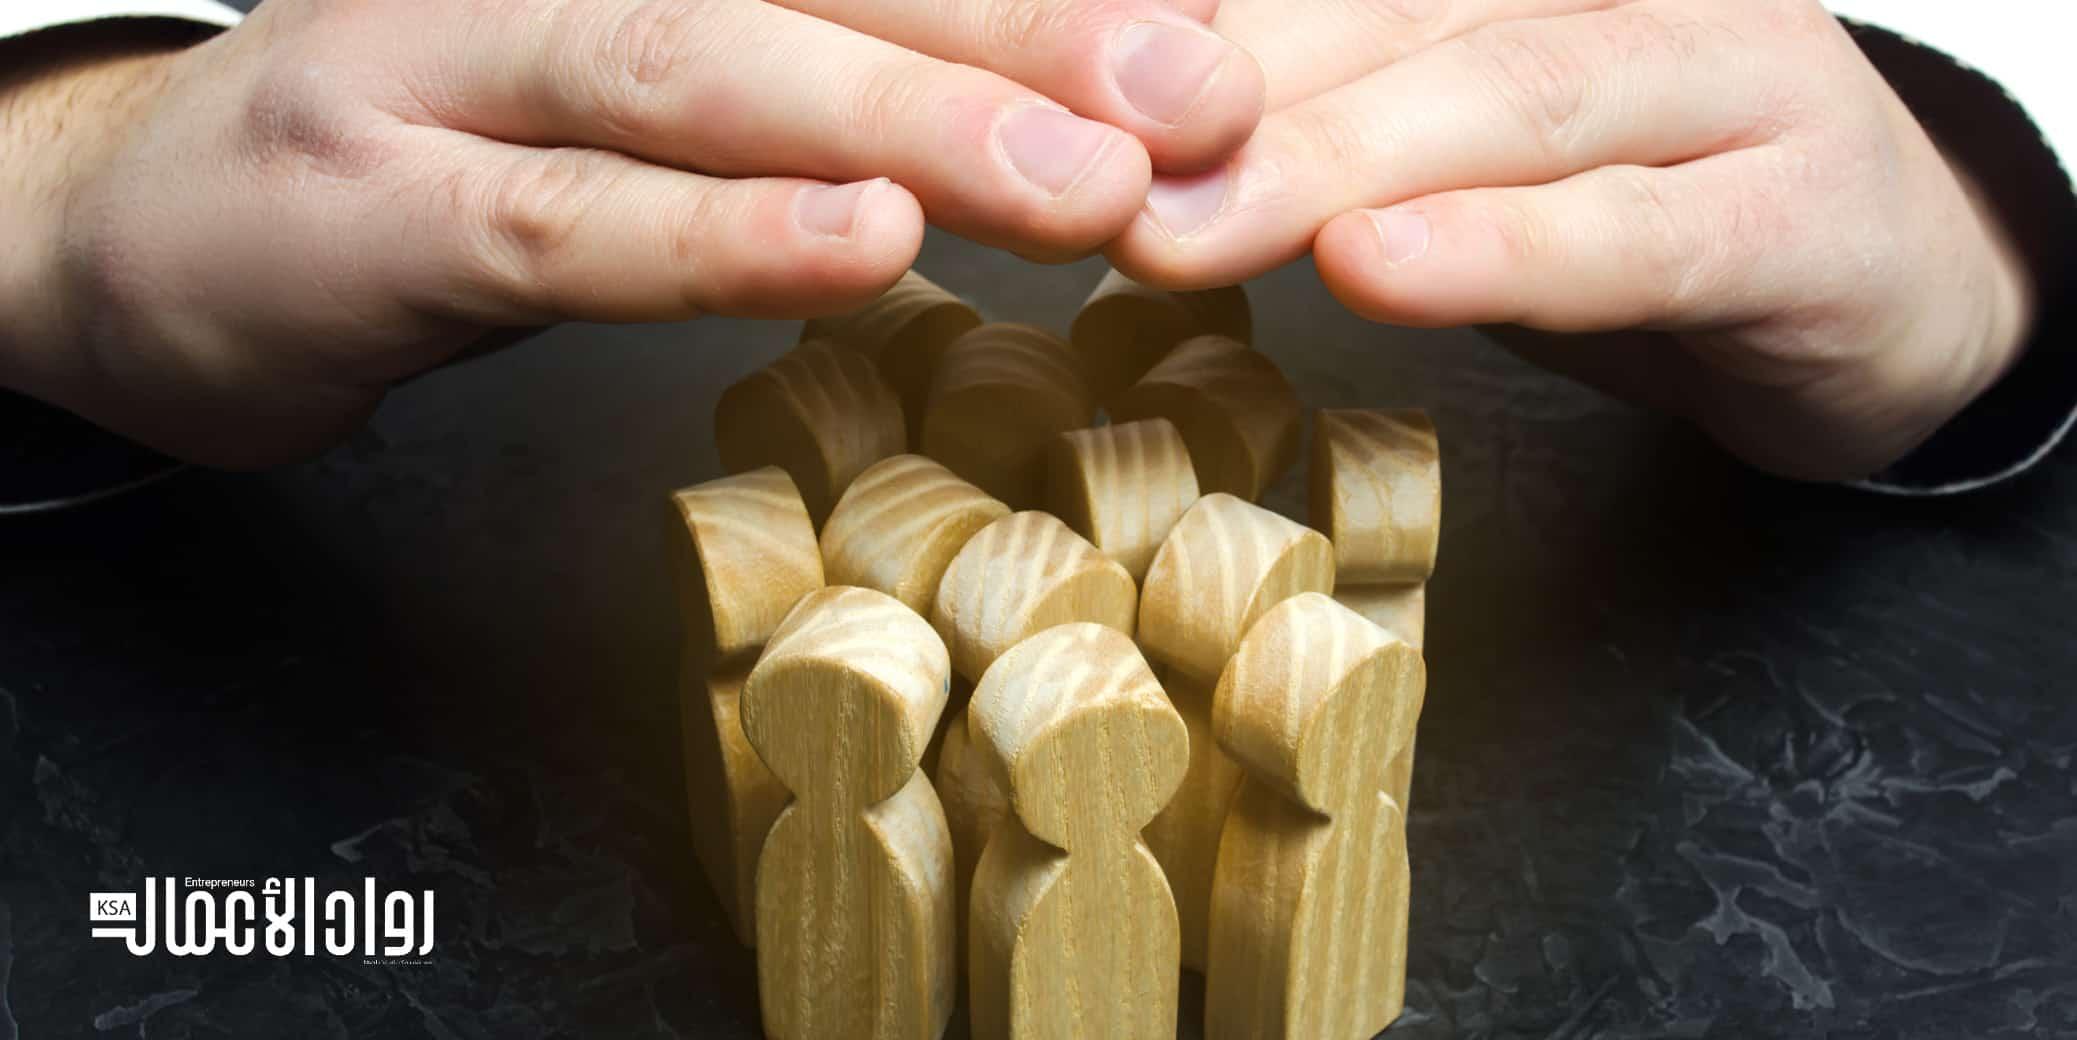 رواد الأعمال والعمل الخيري